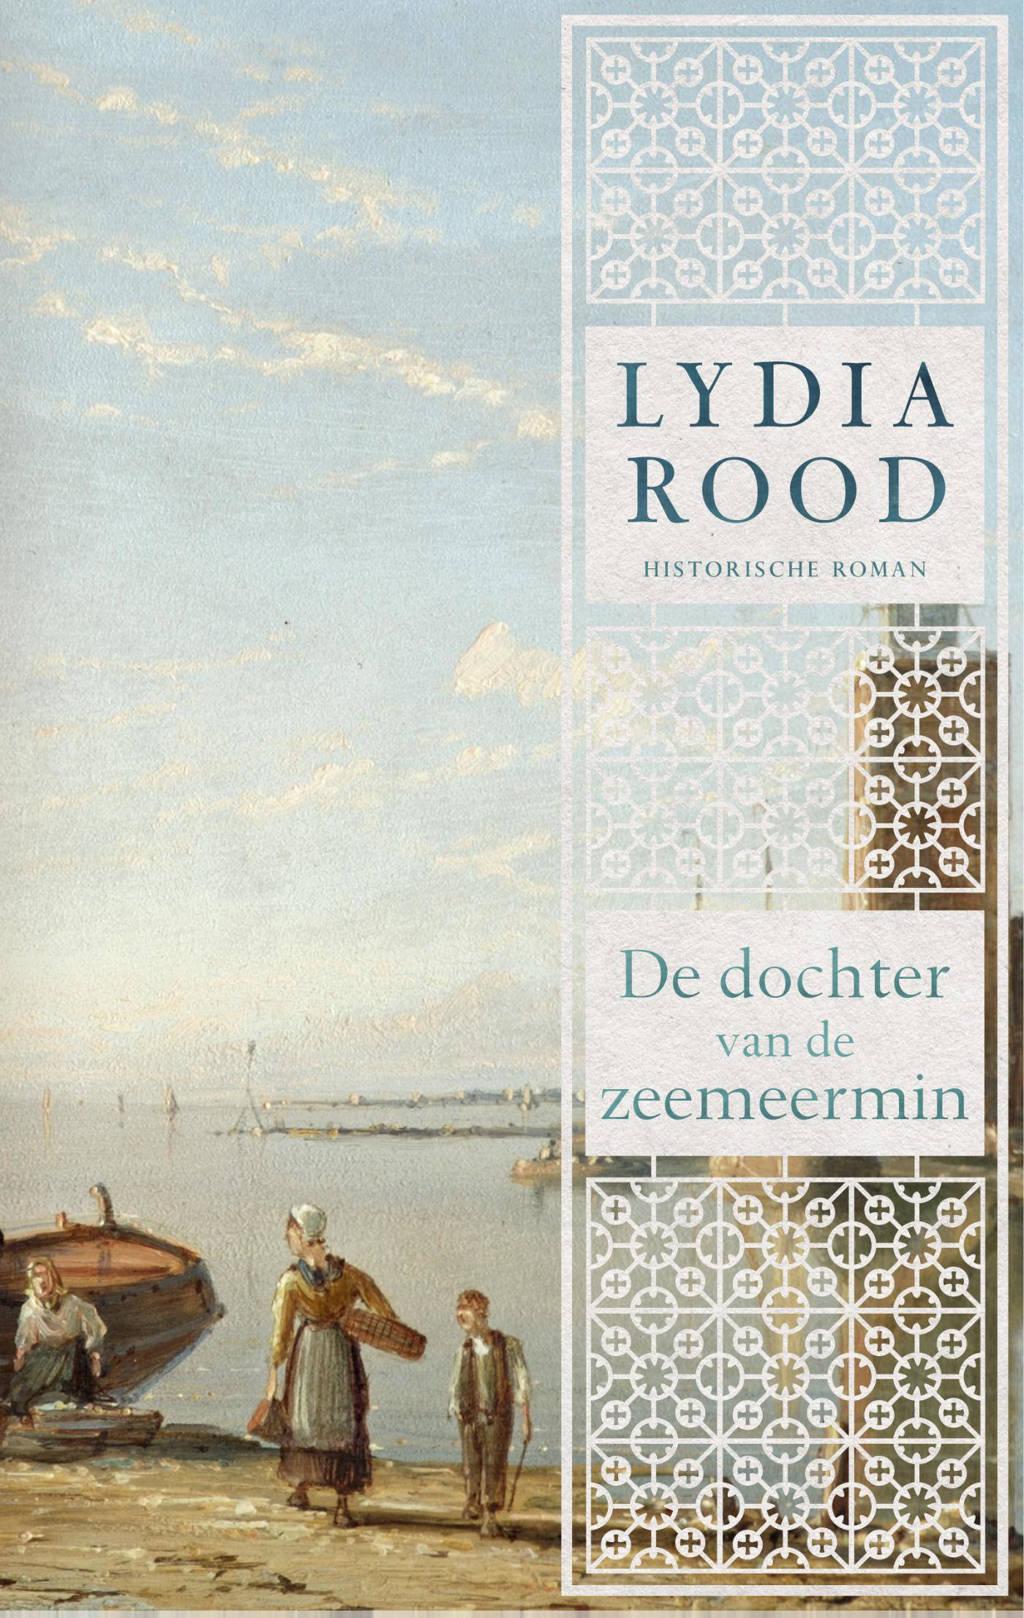 De dochter van de zeemeermin - Lydia Rood